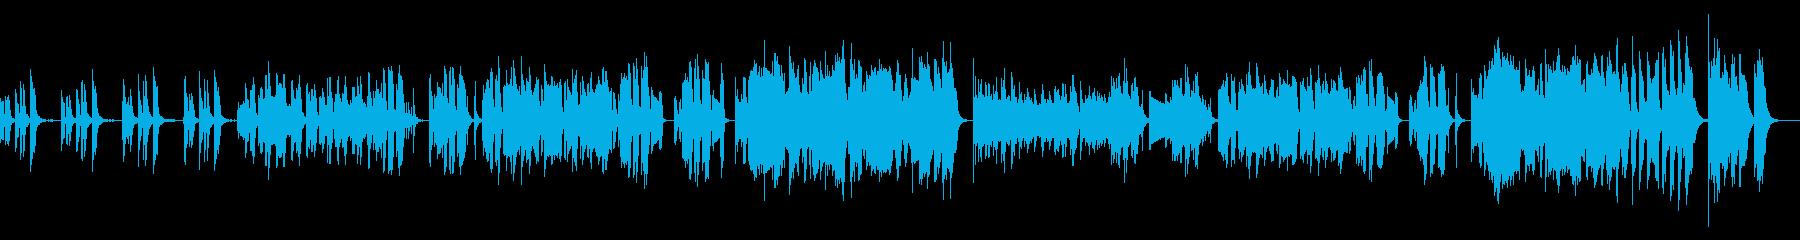 【キッズ向け】ほのぼのポップスの再生済みの波形